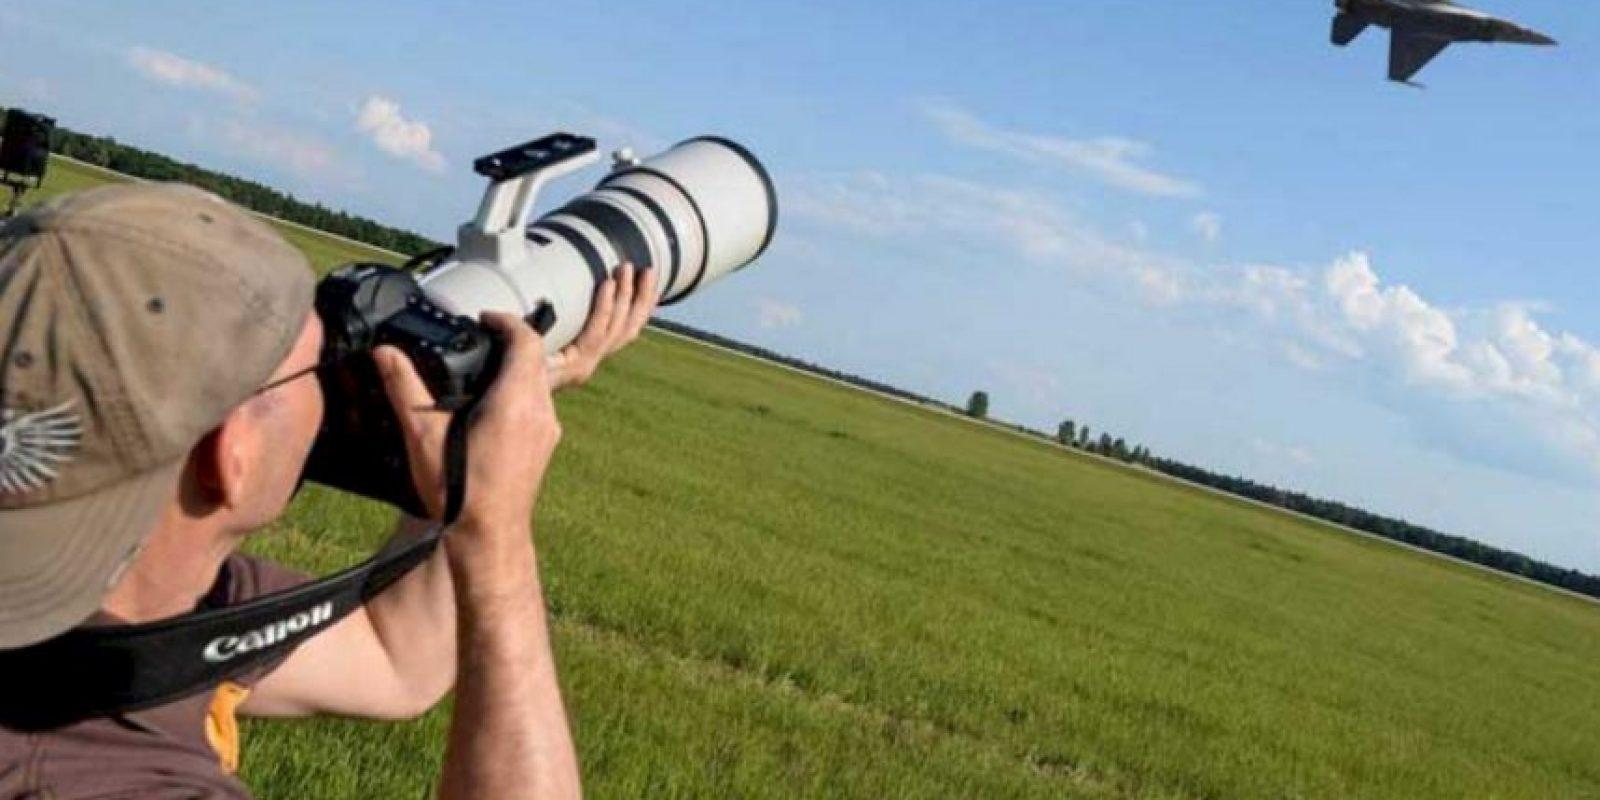 El piloto involucrado en el accidente del viernes se suponía era parte del espectáculo. Foto:Vía airshowny.com